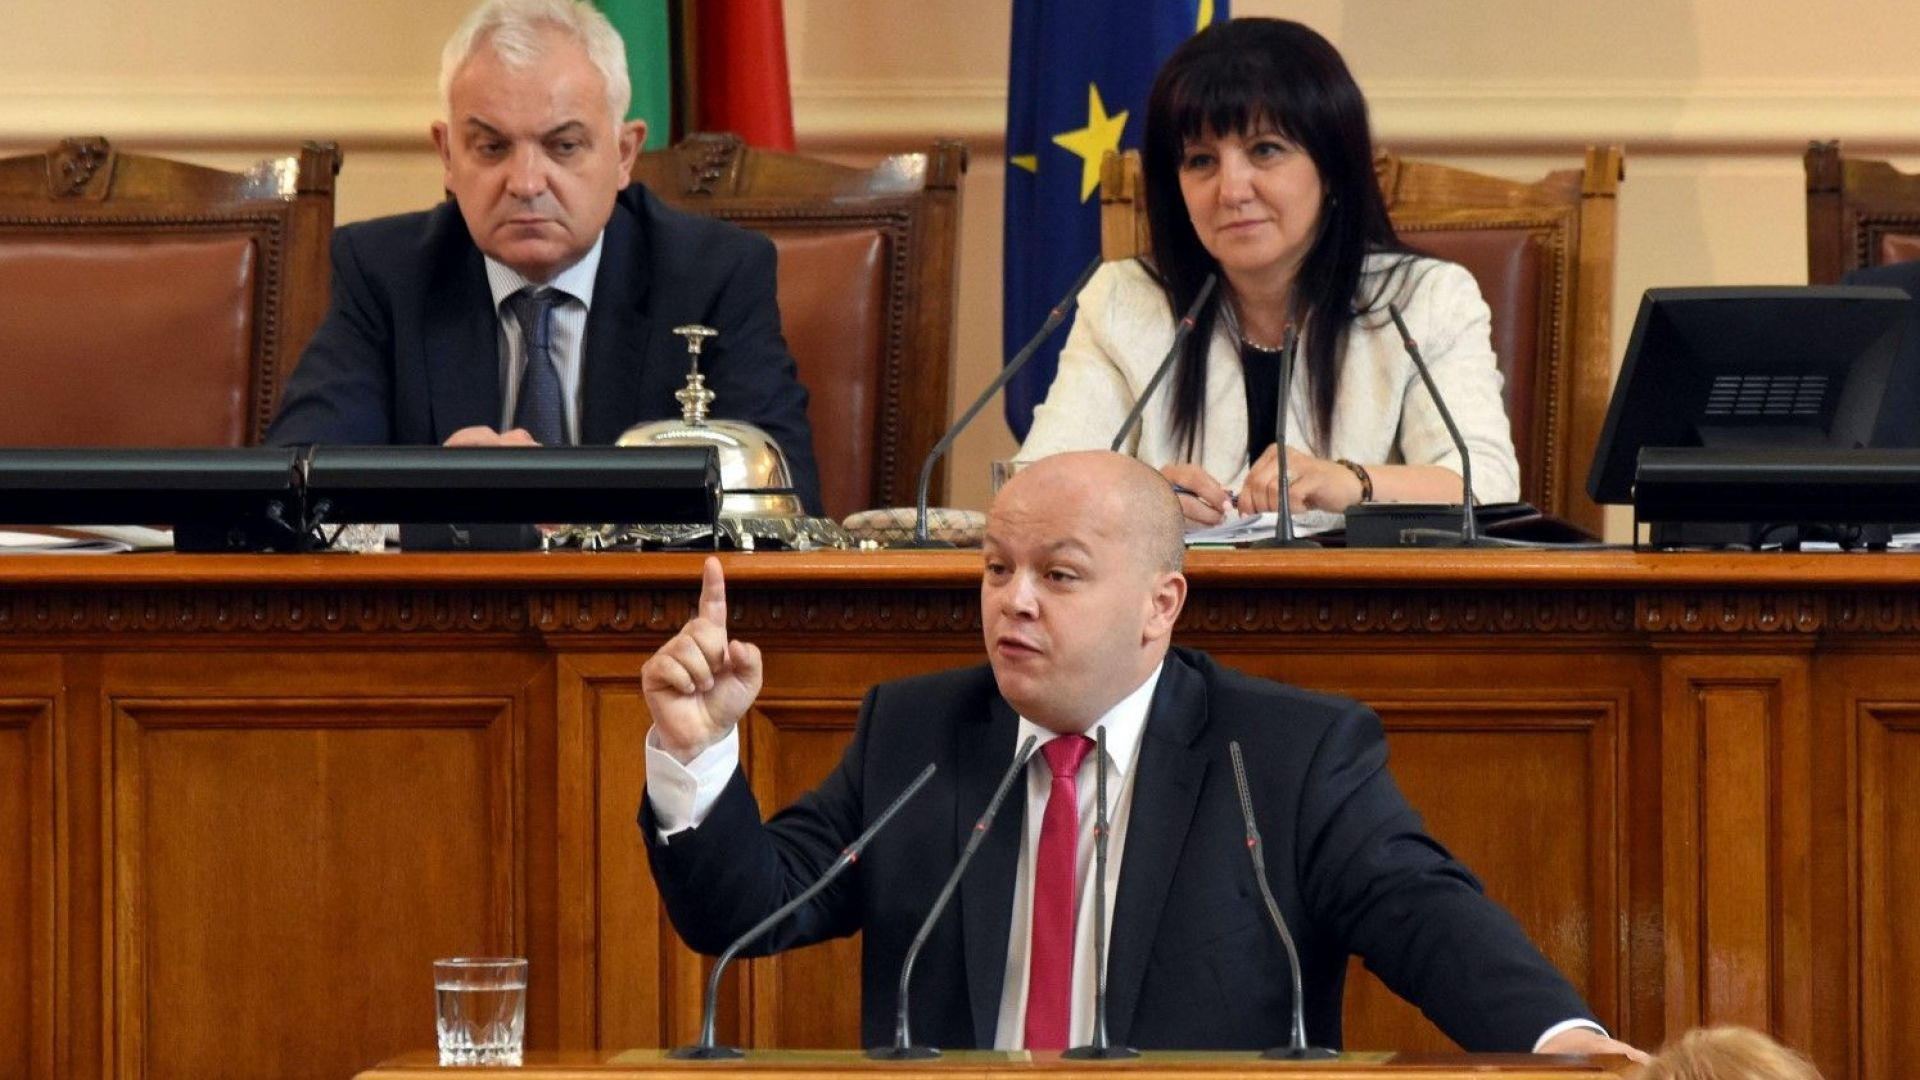 Александър Симов: БСП е единствената партия, която продължава да отказва всякаква колаборация с ГЕРБ